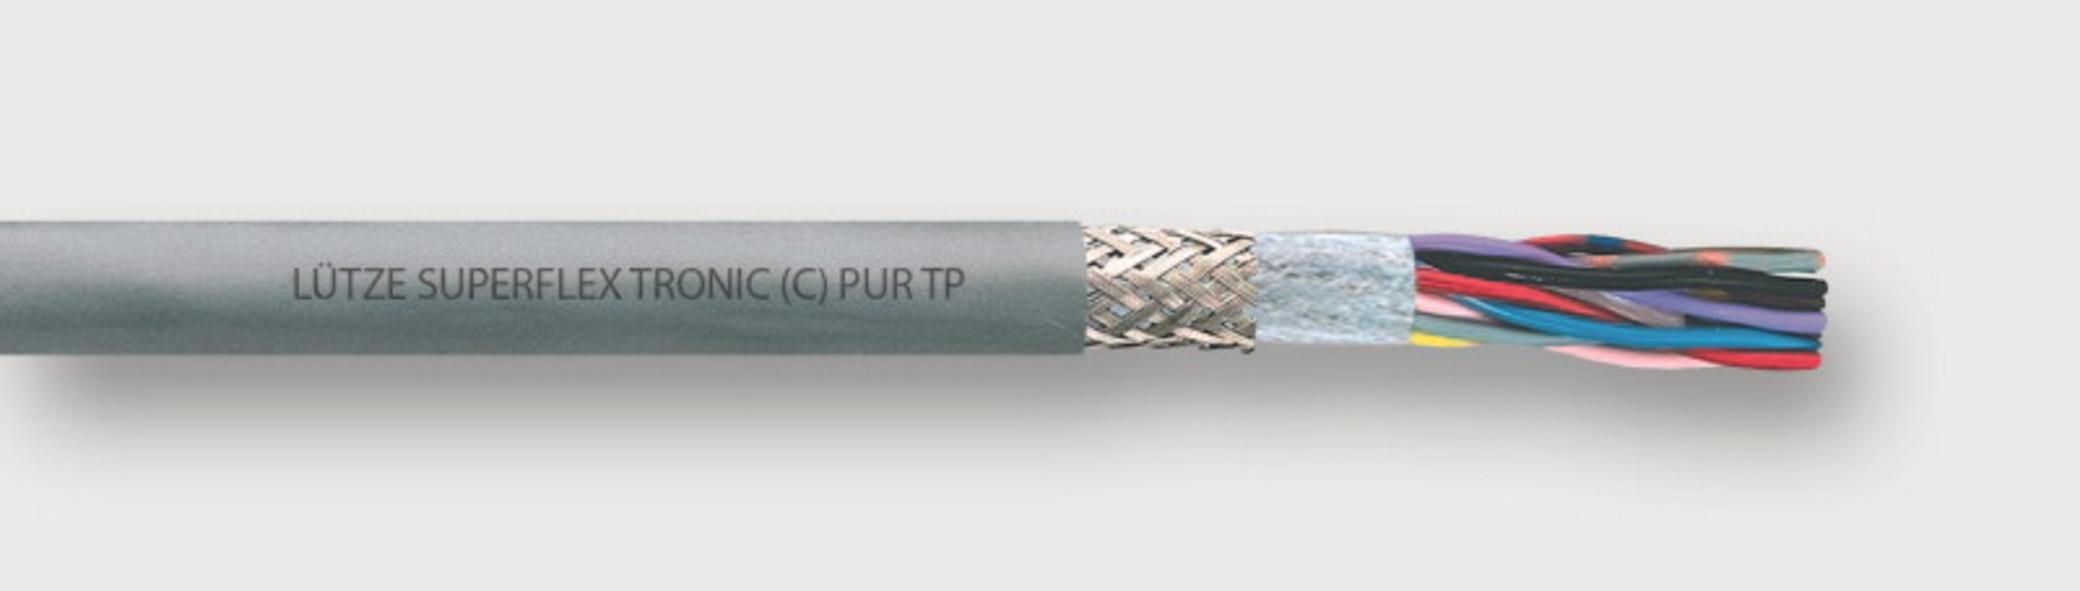 117191 - LÜTZE SUPERFLEX® TRONIC (C) PUR TP Shielded electronic ...